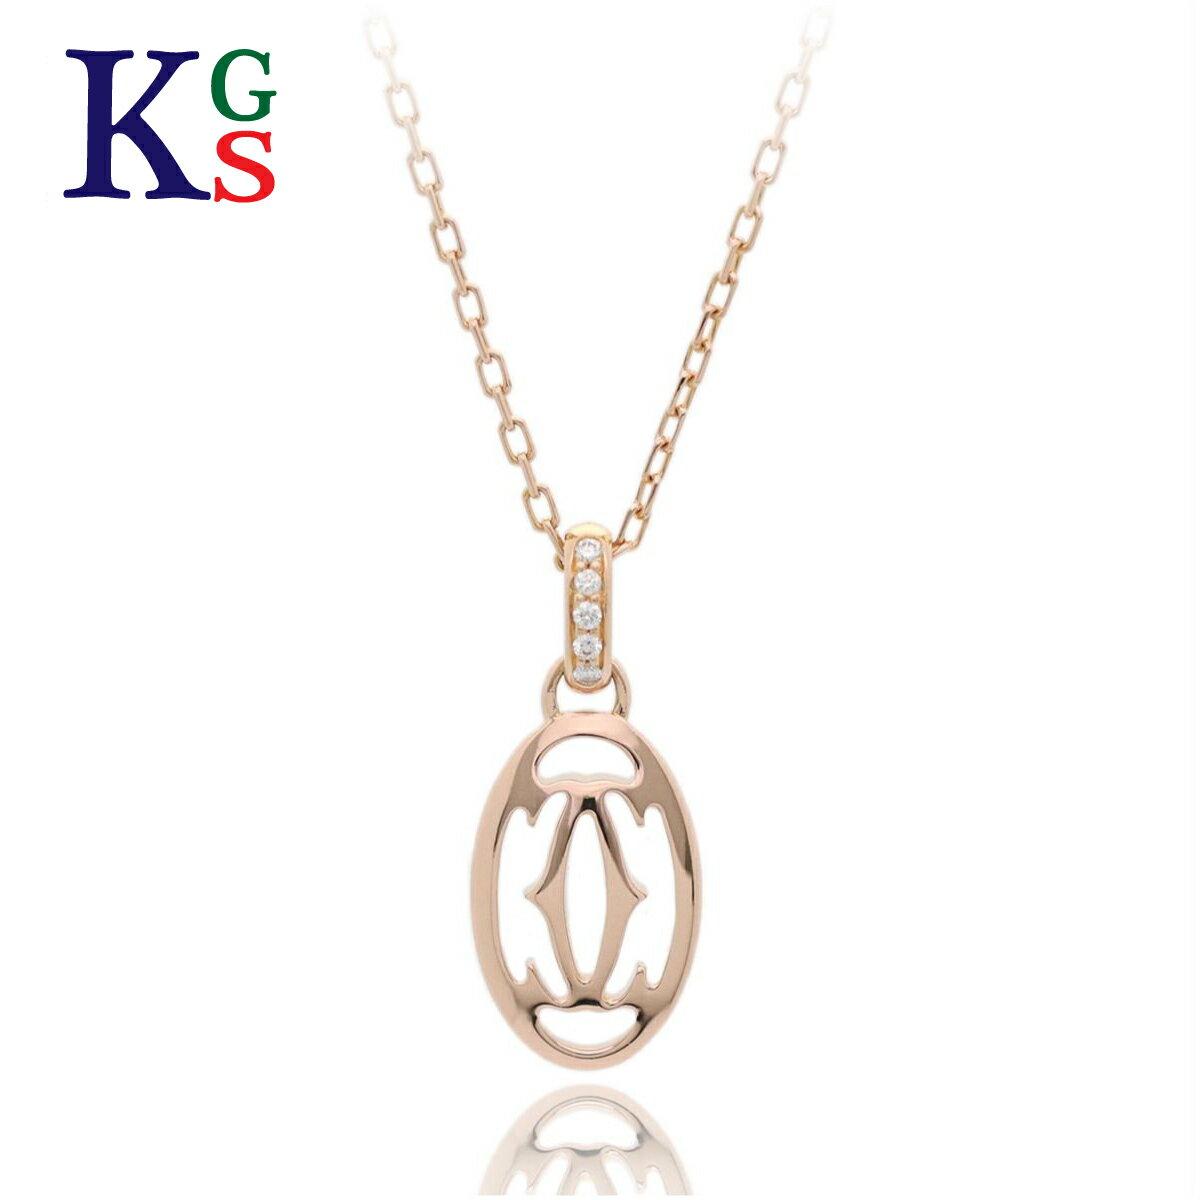 【新古品】カルティエ/Cartier / ドゥカルティエ ドゥーブルC ロゴネックレス レディース K18PG ピンクゴールド ブリリアントカット 5Pダイヤモンド 0.02ct B7219200